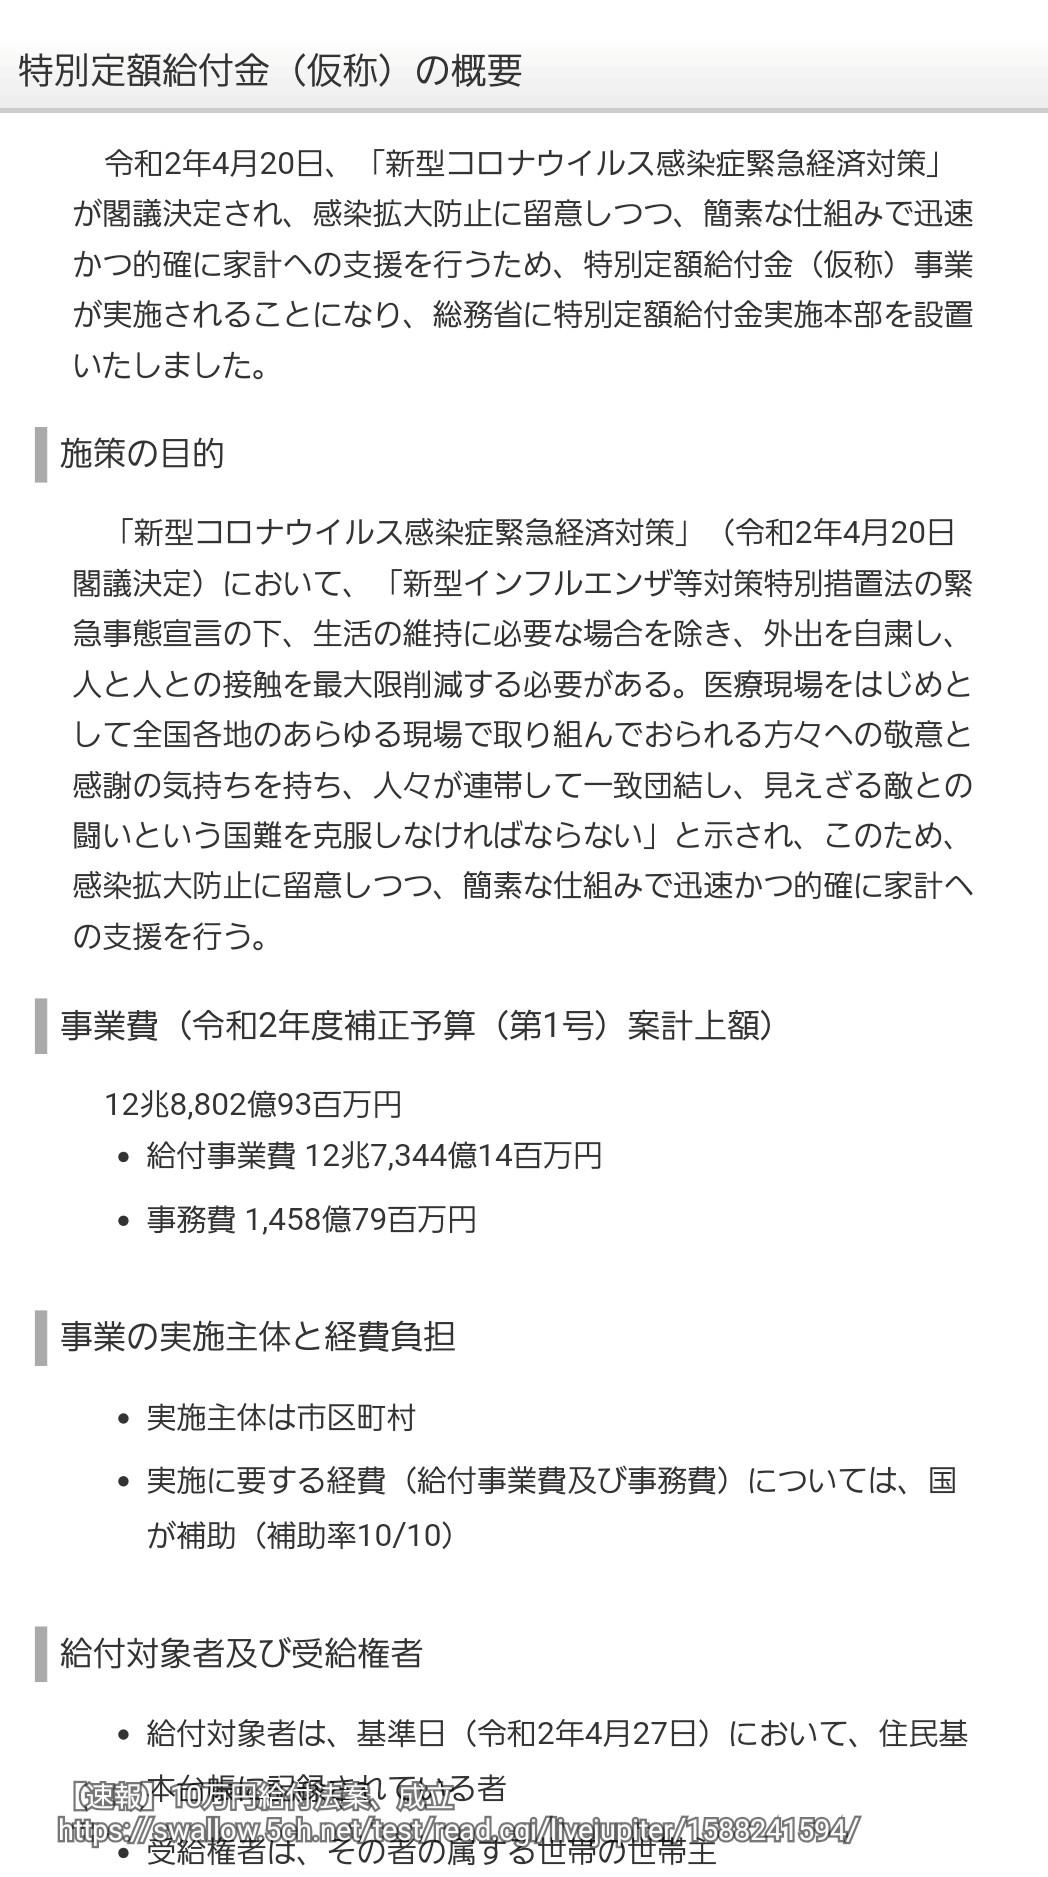 【速報】10万円給付法案、成立